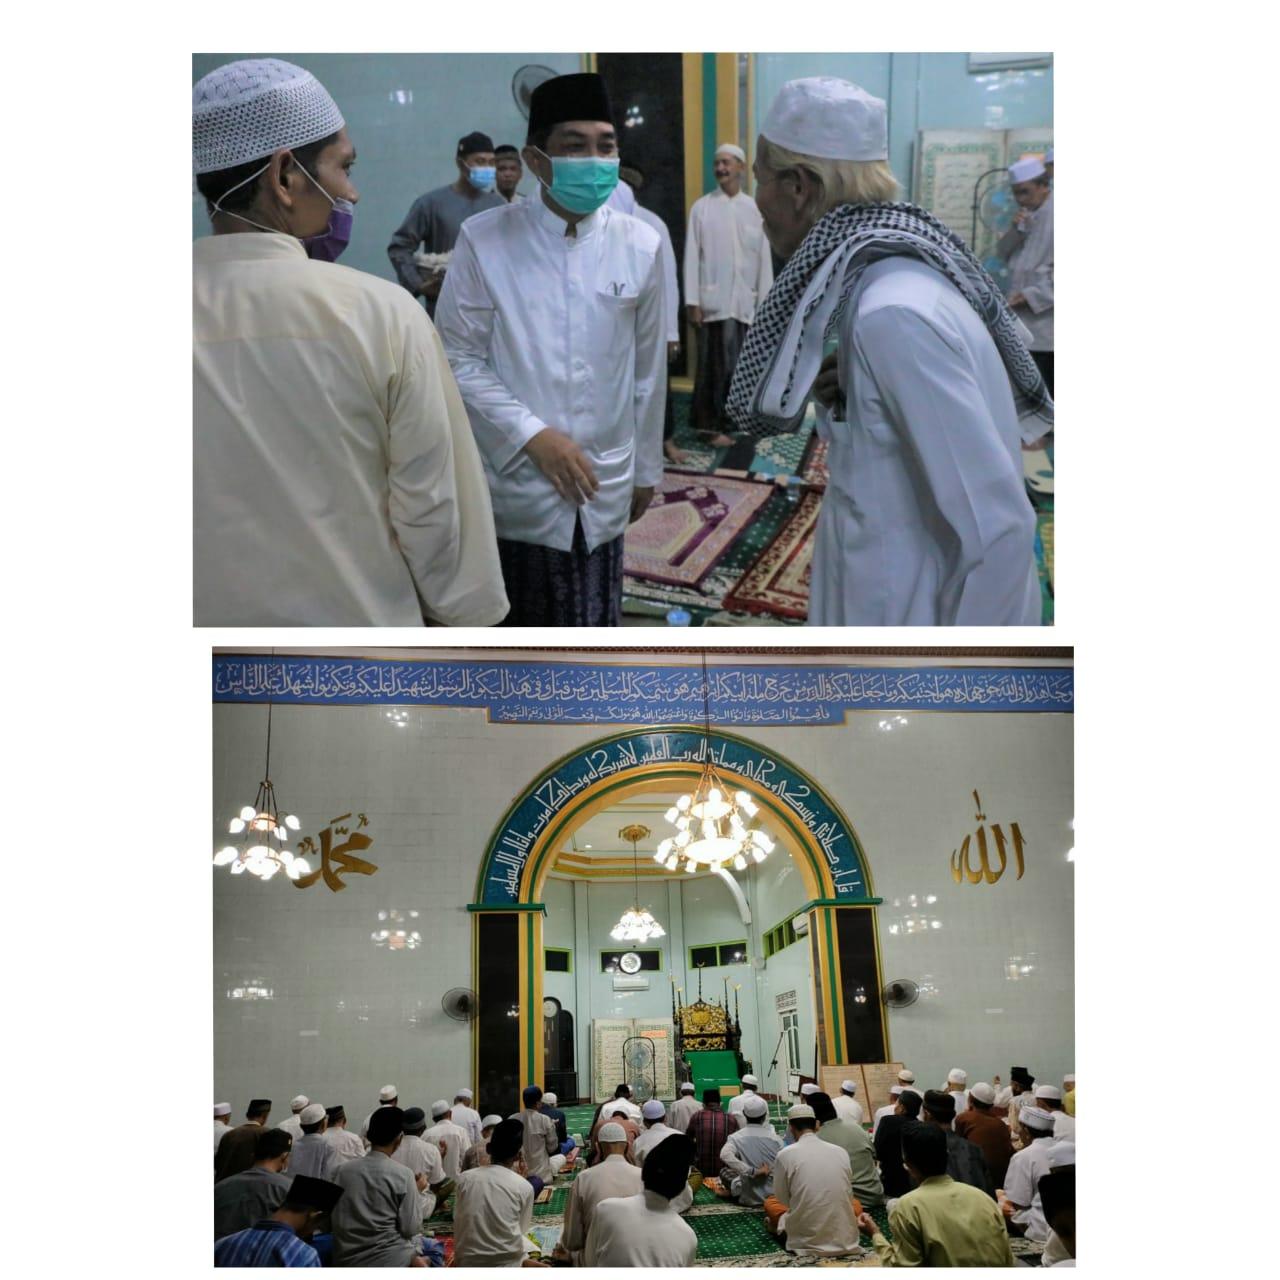 Sholat Tarawih Malam Akhir Ramadhan Bersama Bupati Tanjab Barat di Masjid Agung Al-Istiqomah